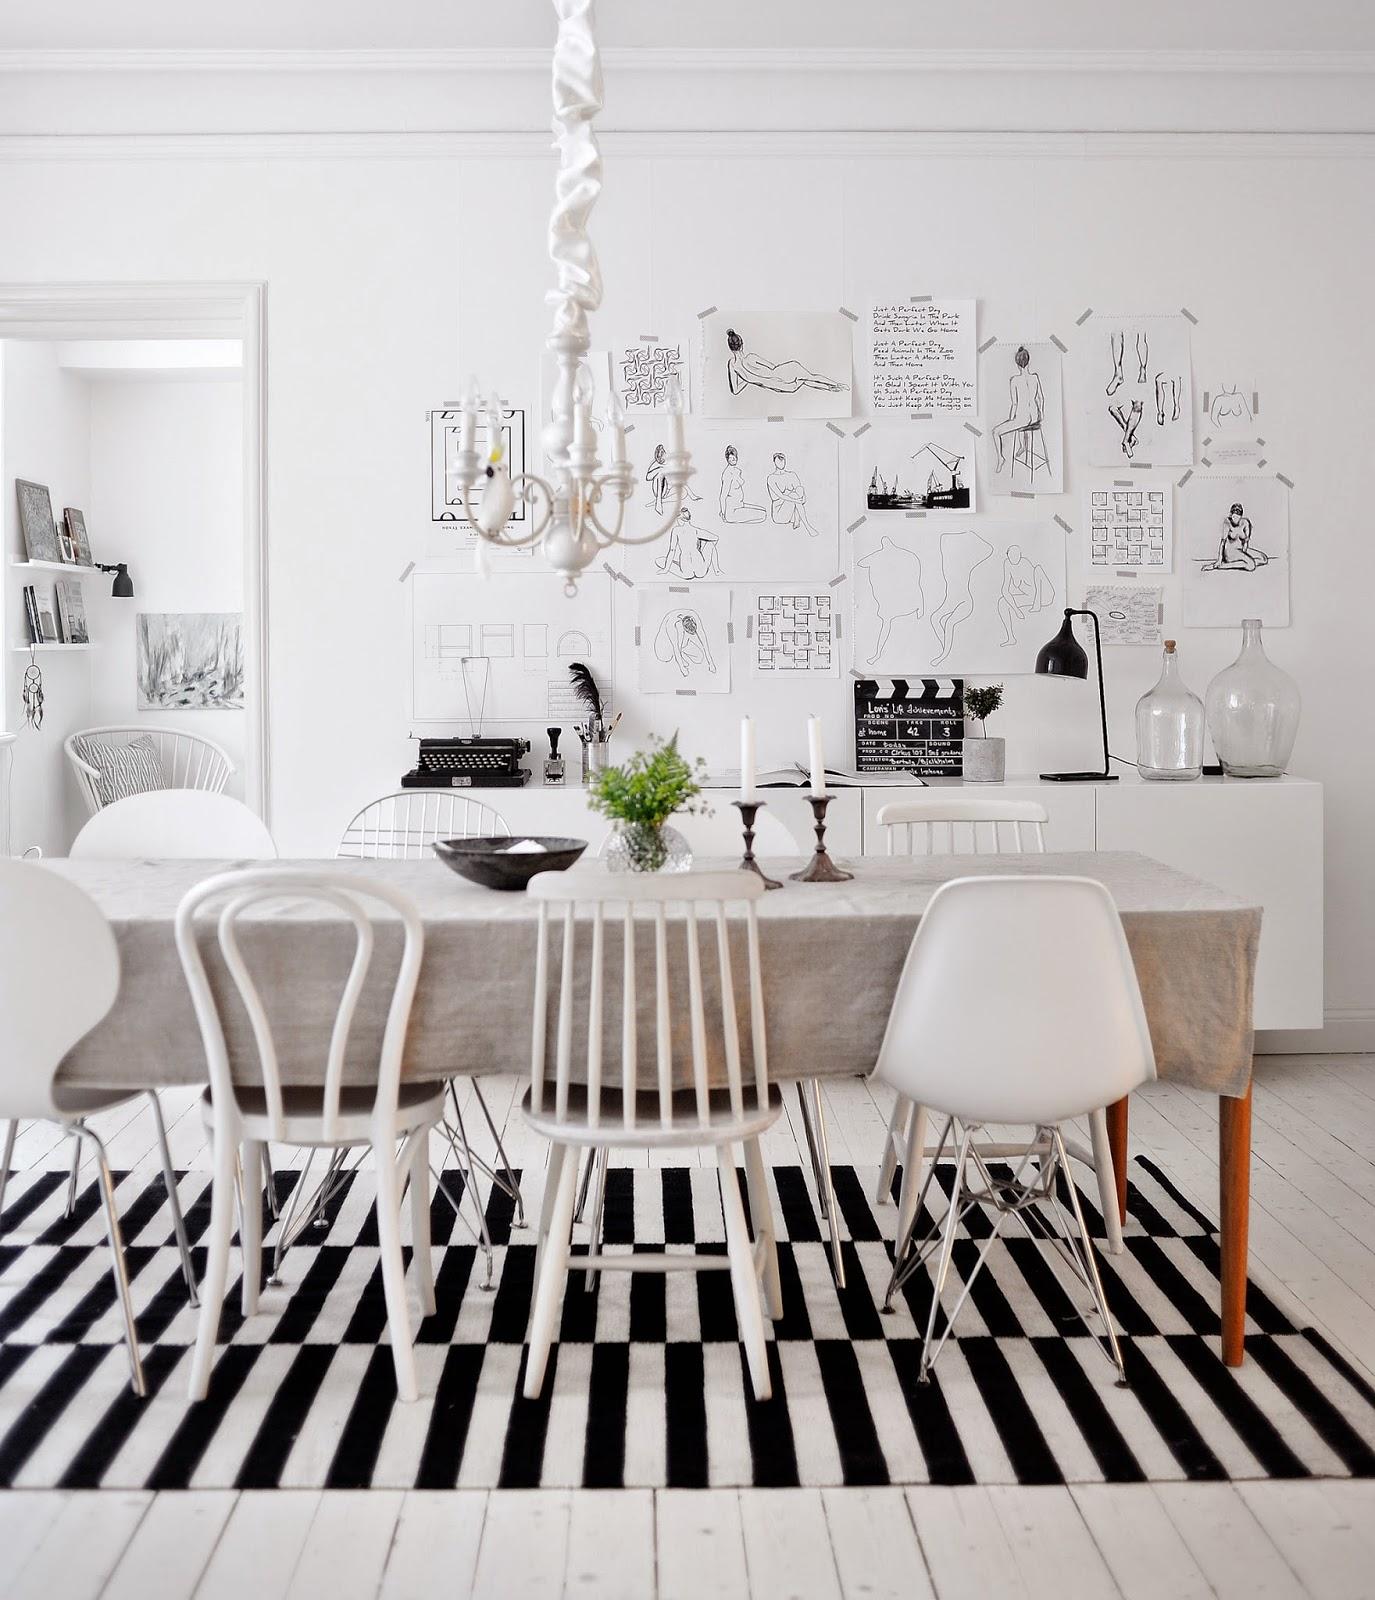 Un int rieur scandinave en blanc et noir - Tapis scandinave noir et blanc ...